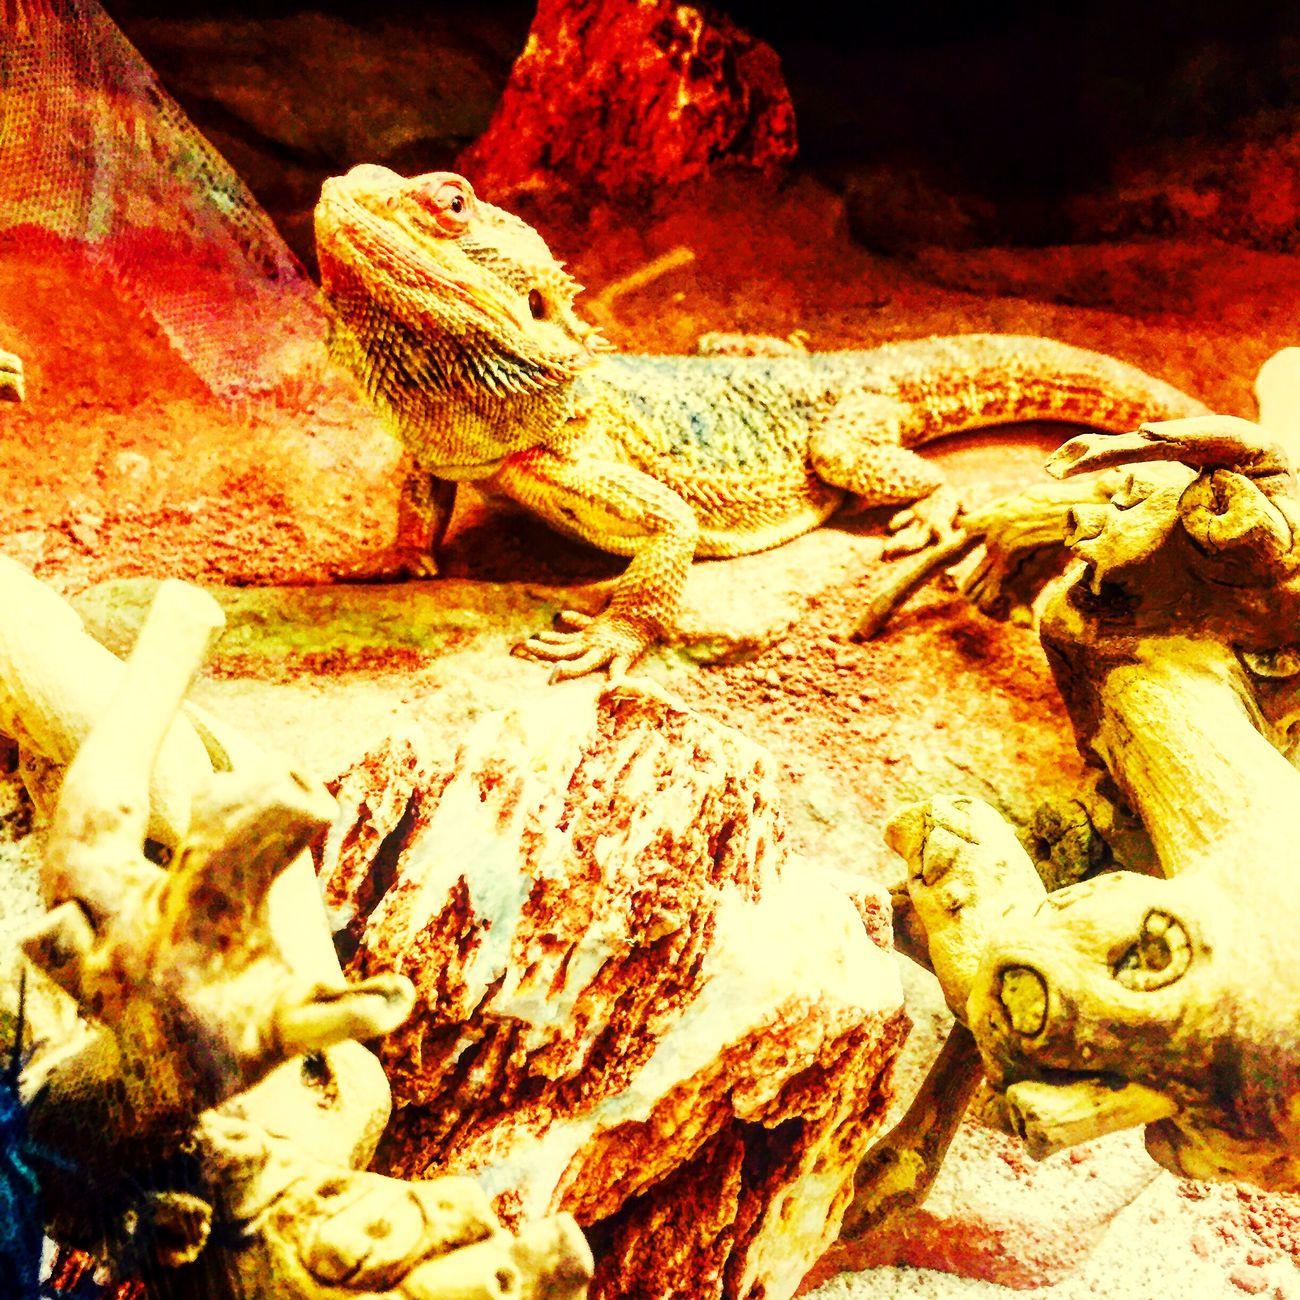 Mon petit dragon 🐉 Pogona Dragonbarbu Pogona Vitticeps Dragonbearded Eyemphotography Reptile Eyemphotos